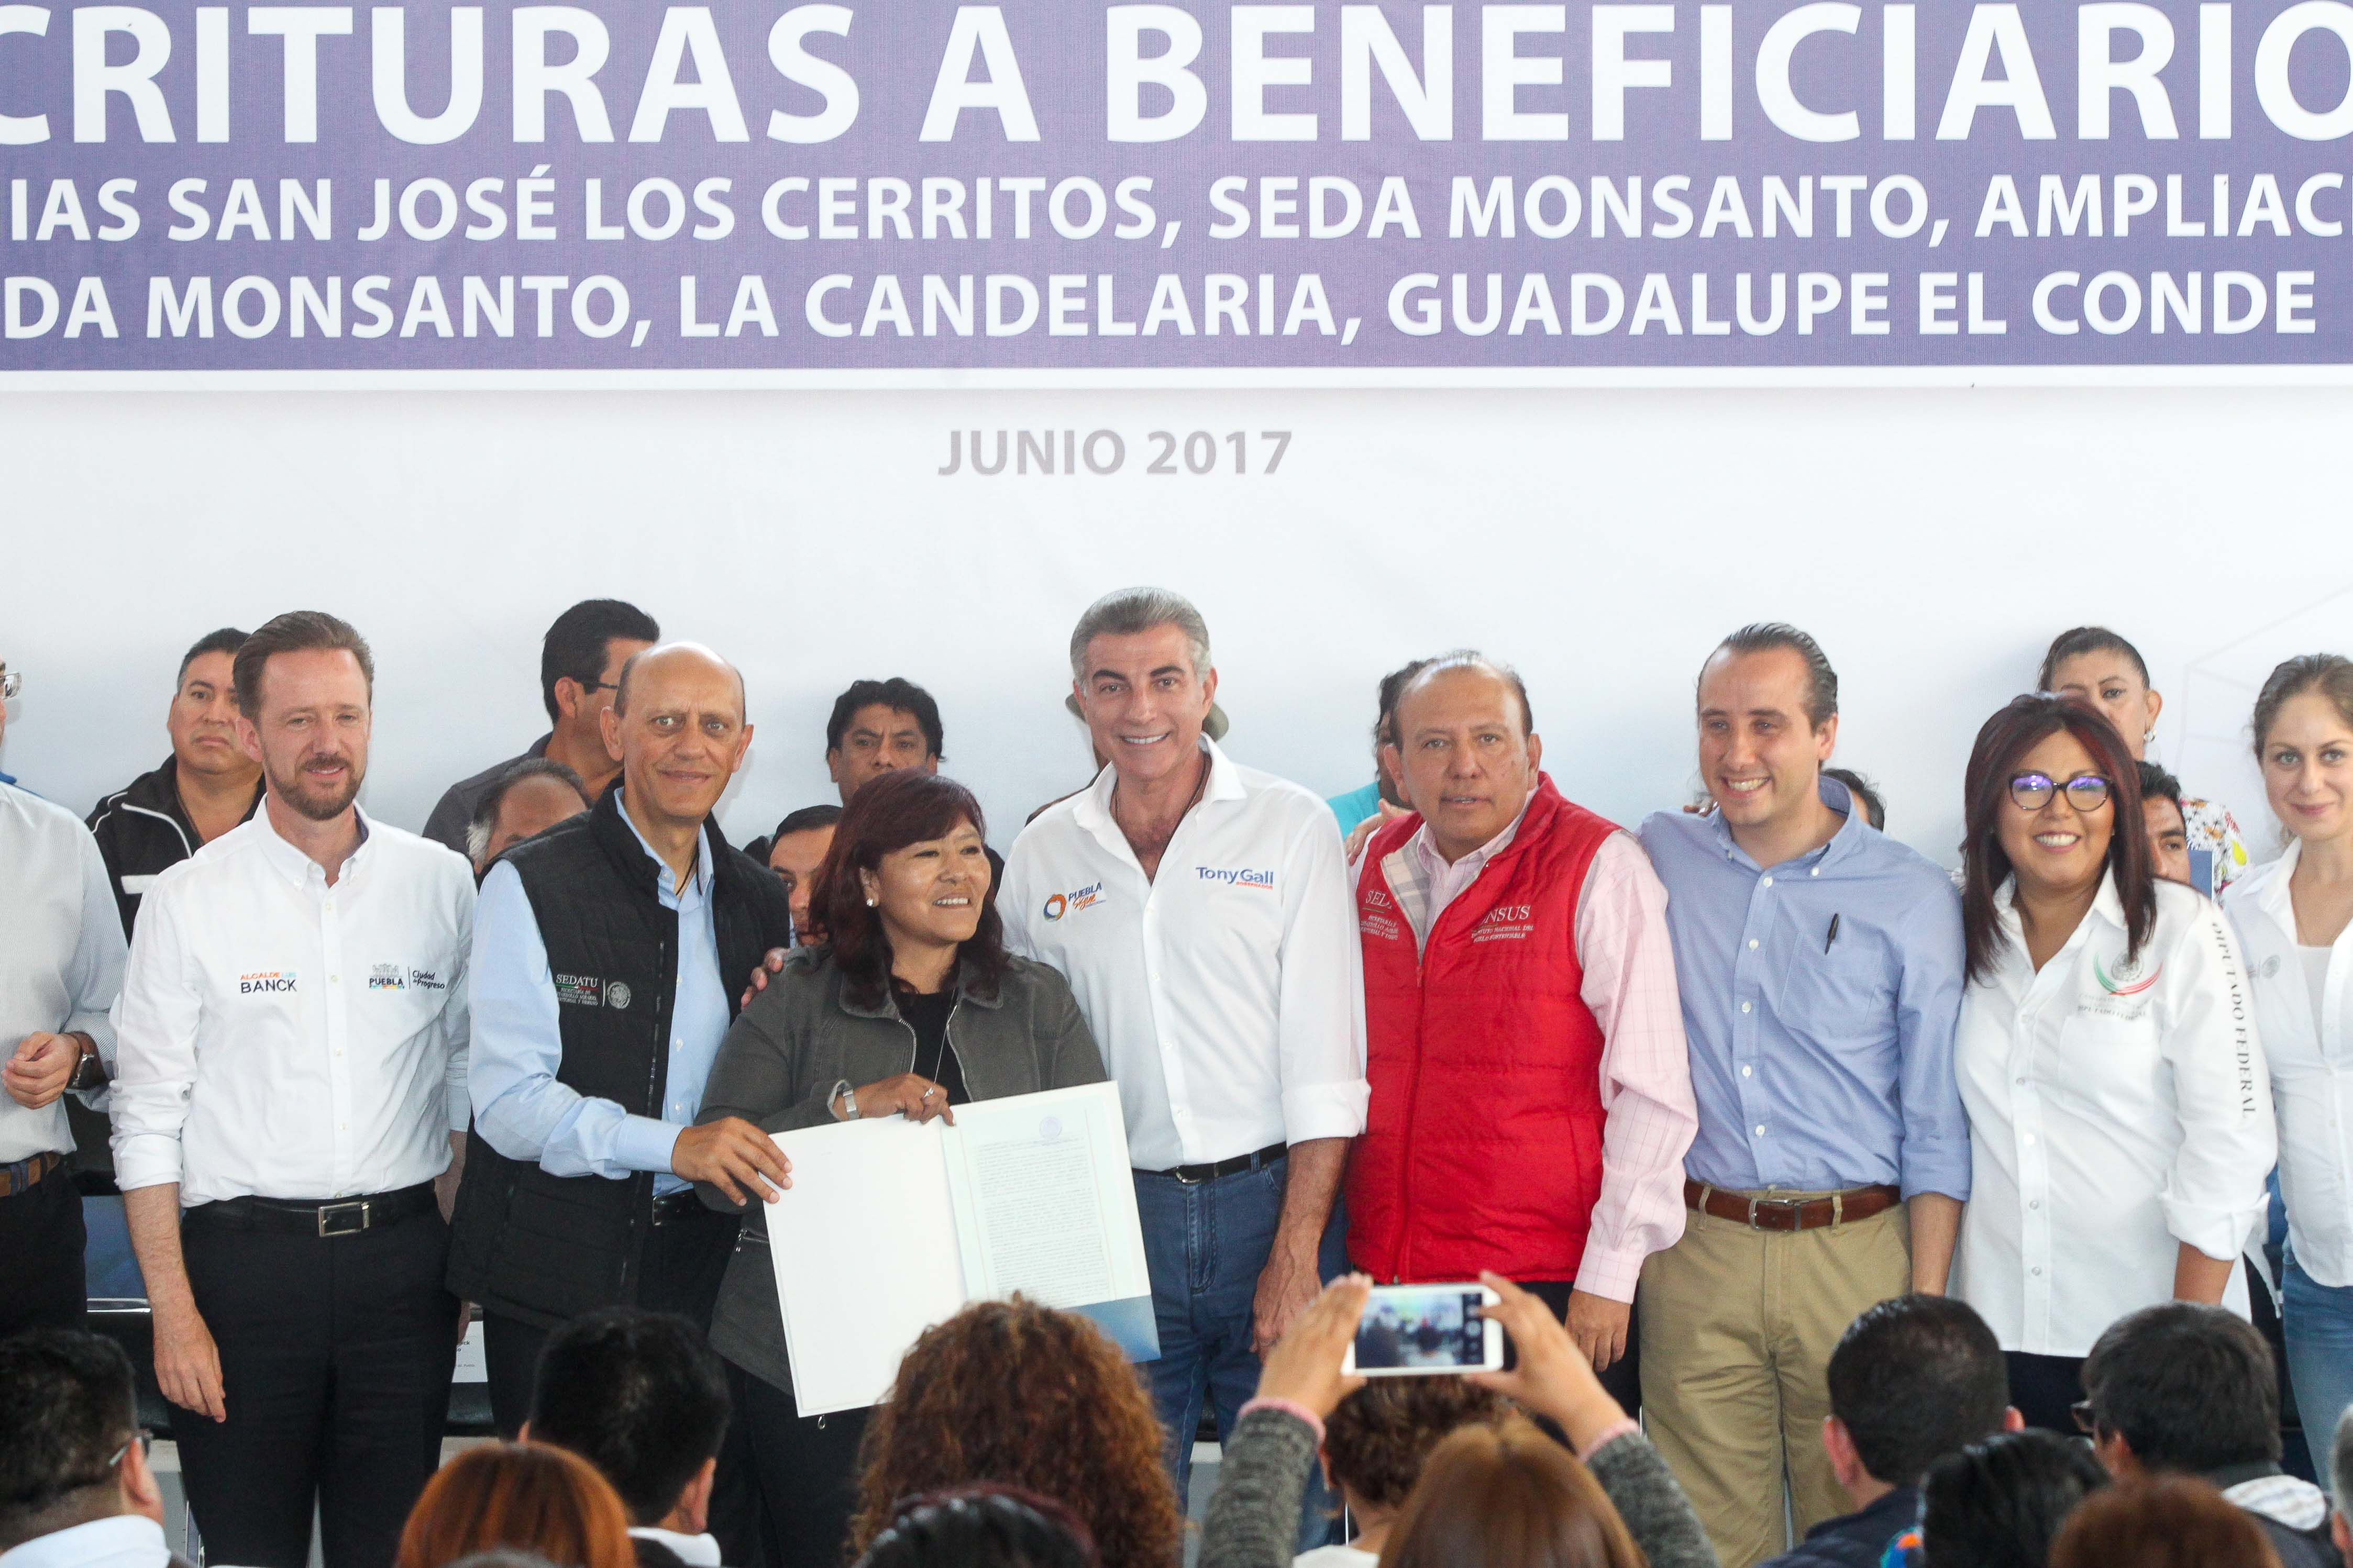 Puebla solicita $623 millones para obras magnas